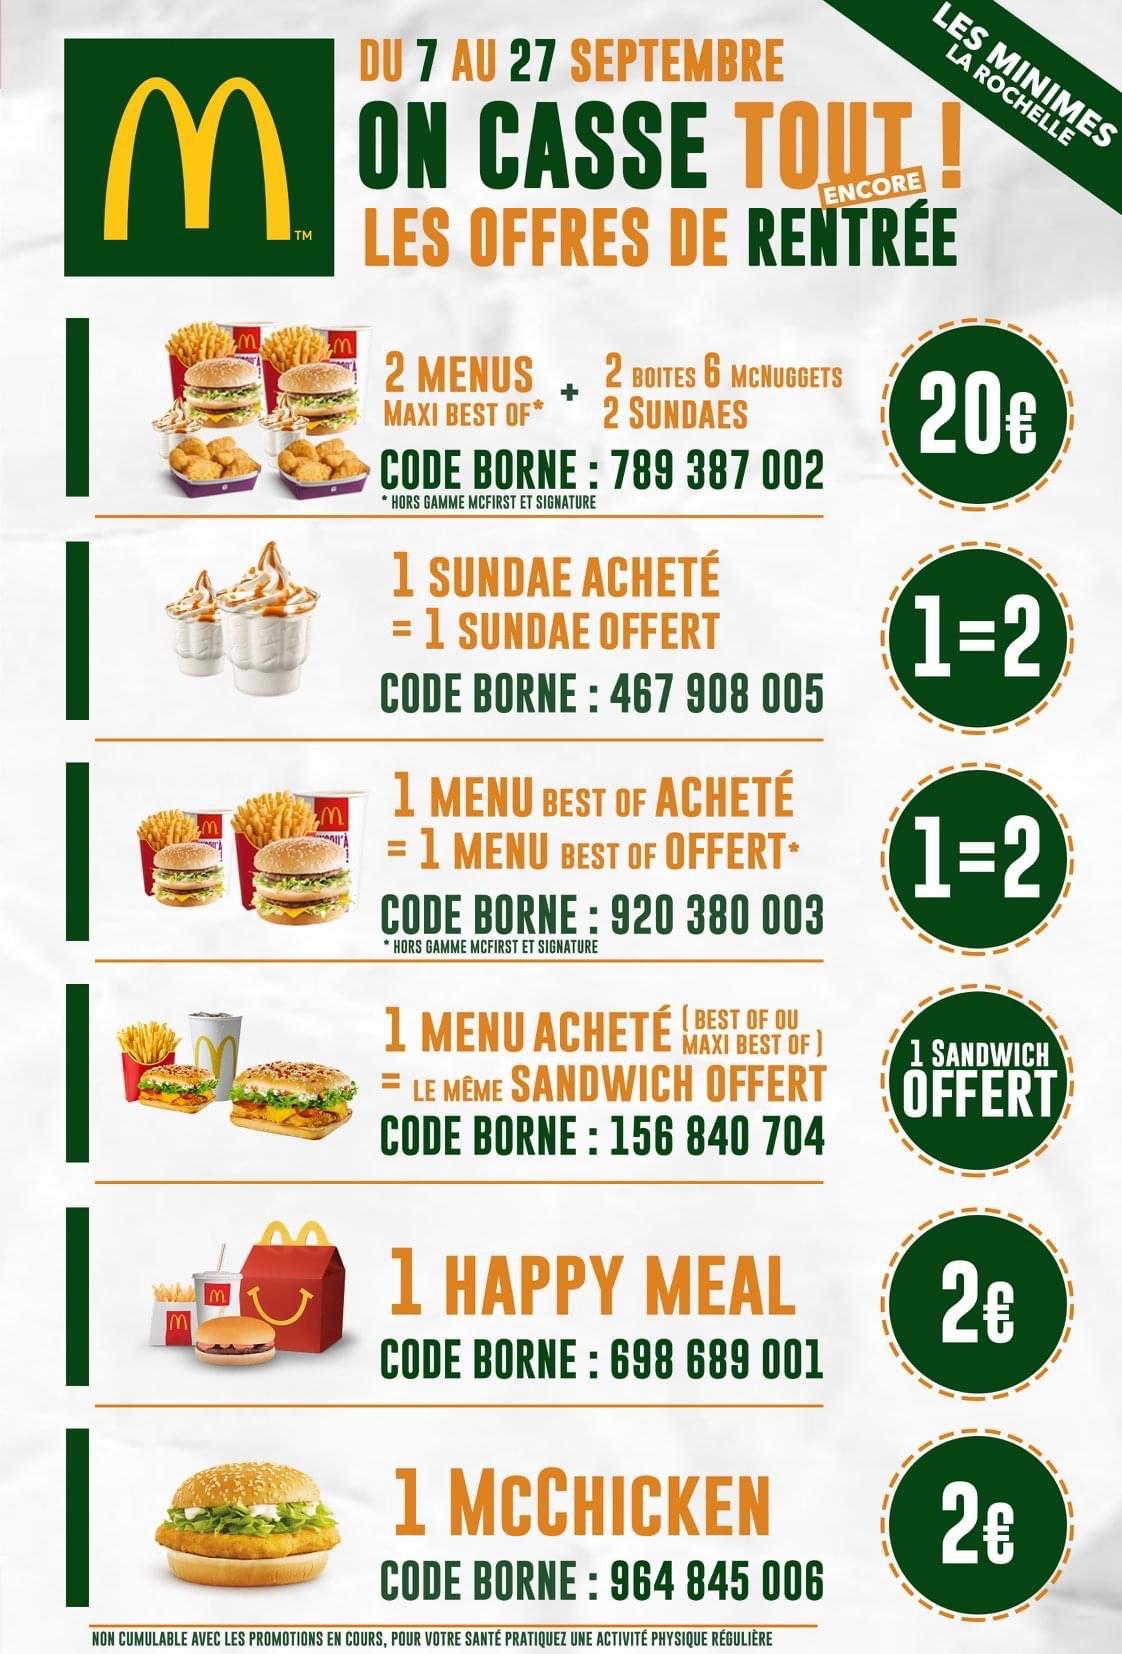 2 Menus Maxi Best Of + 2 boîtes de Nuggets + 2 Sundae à 20€ - La Rochelle (17)